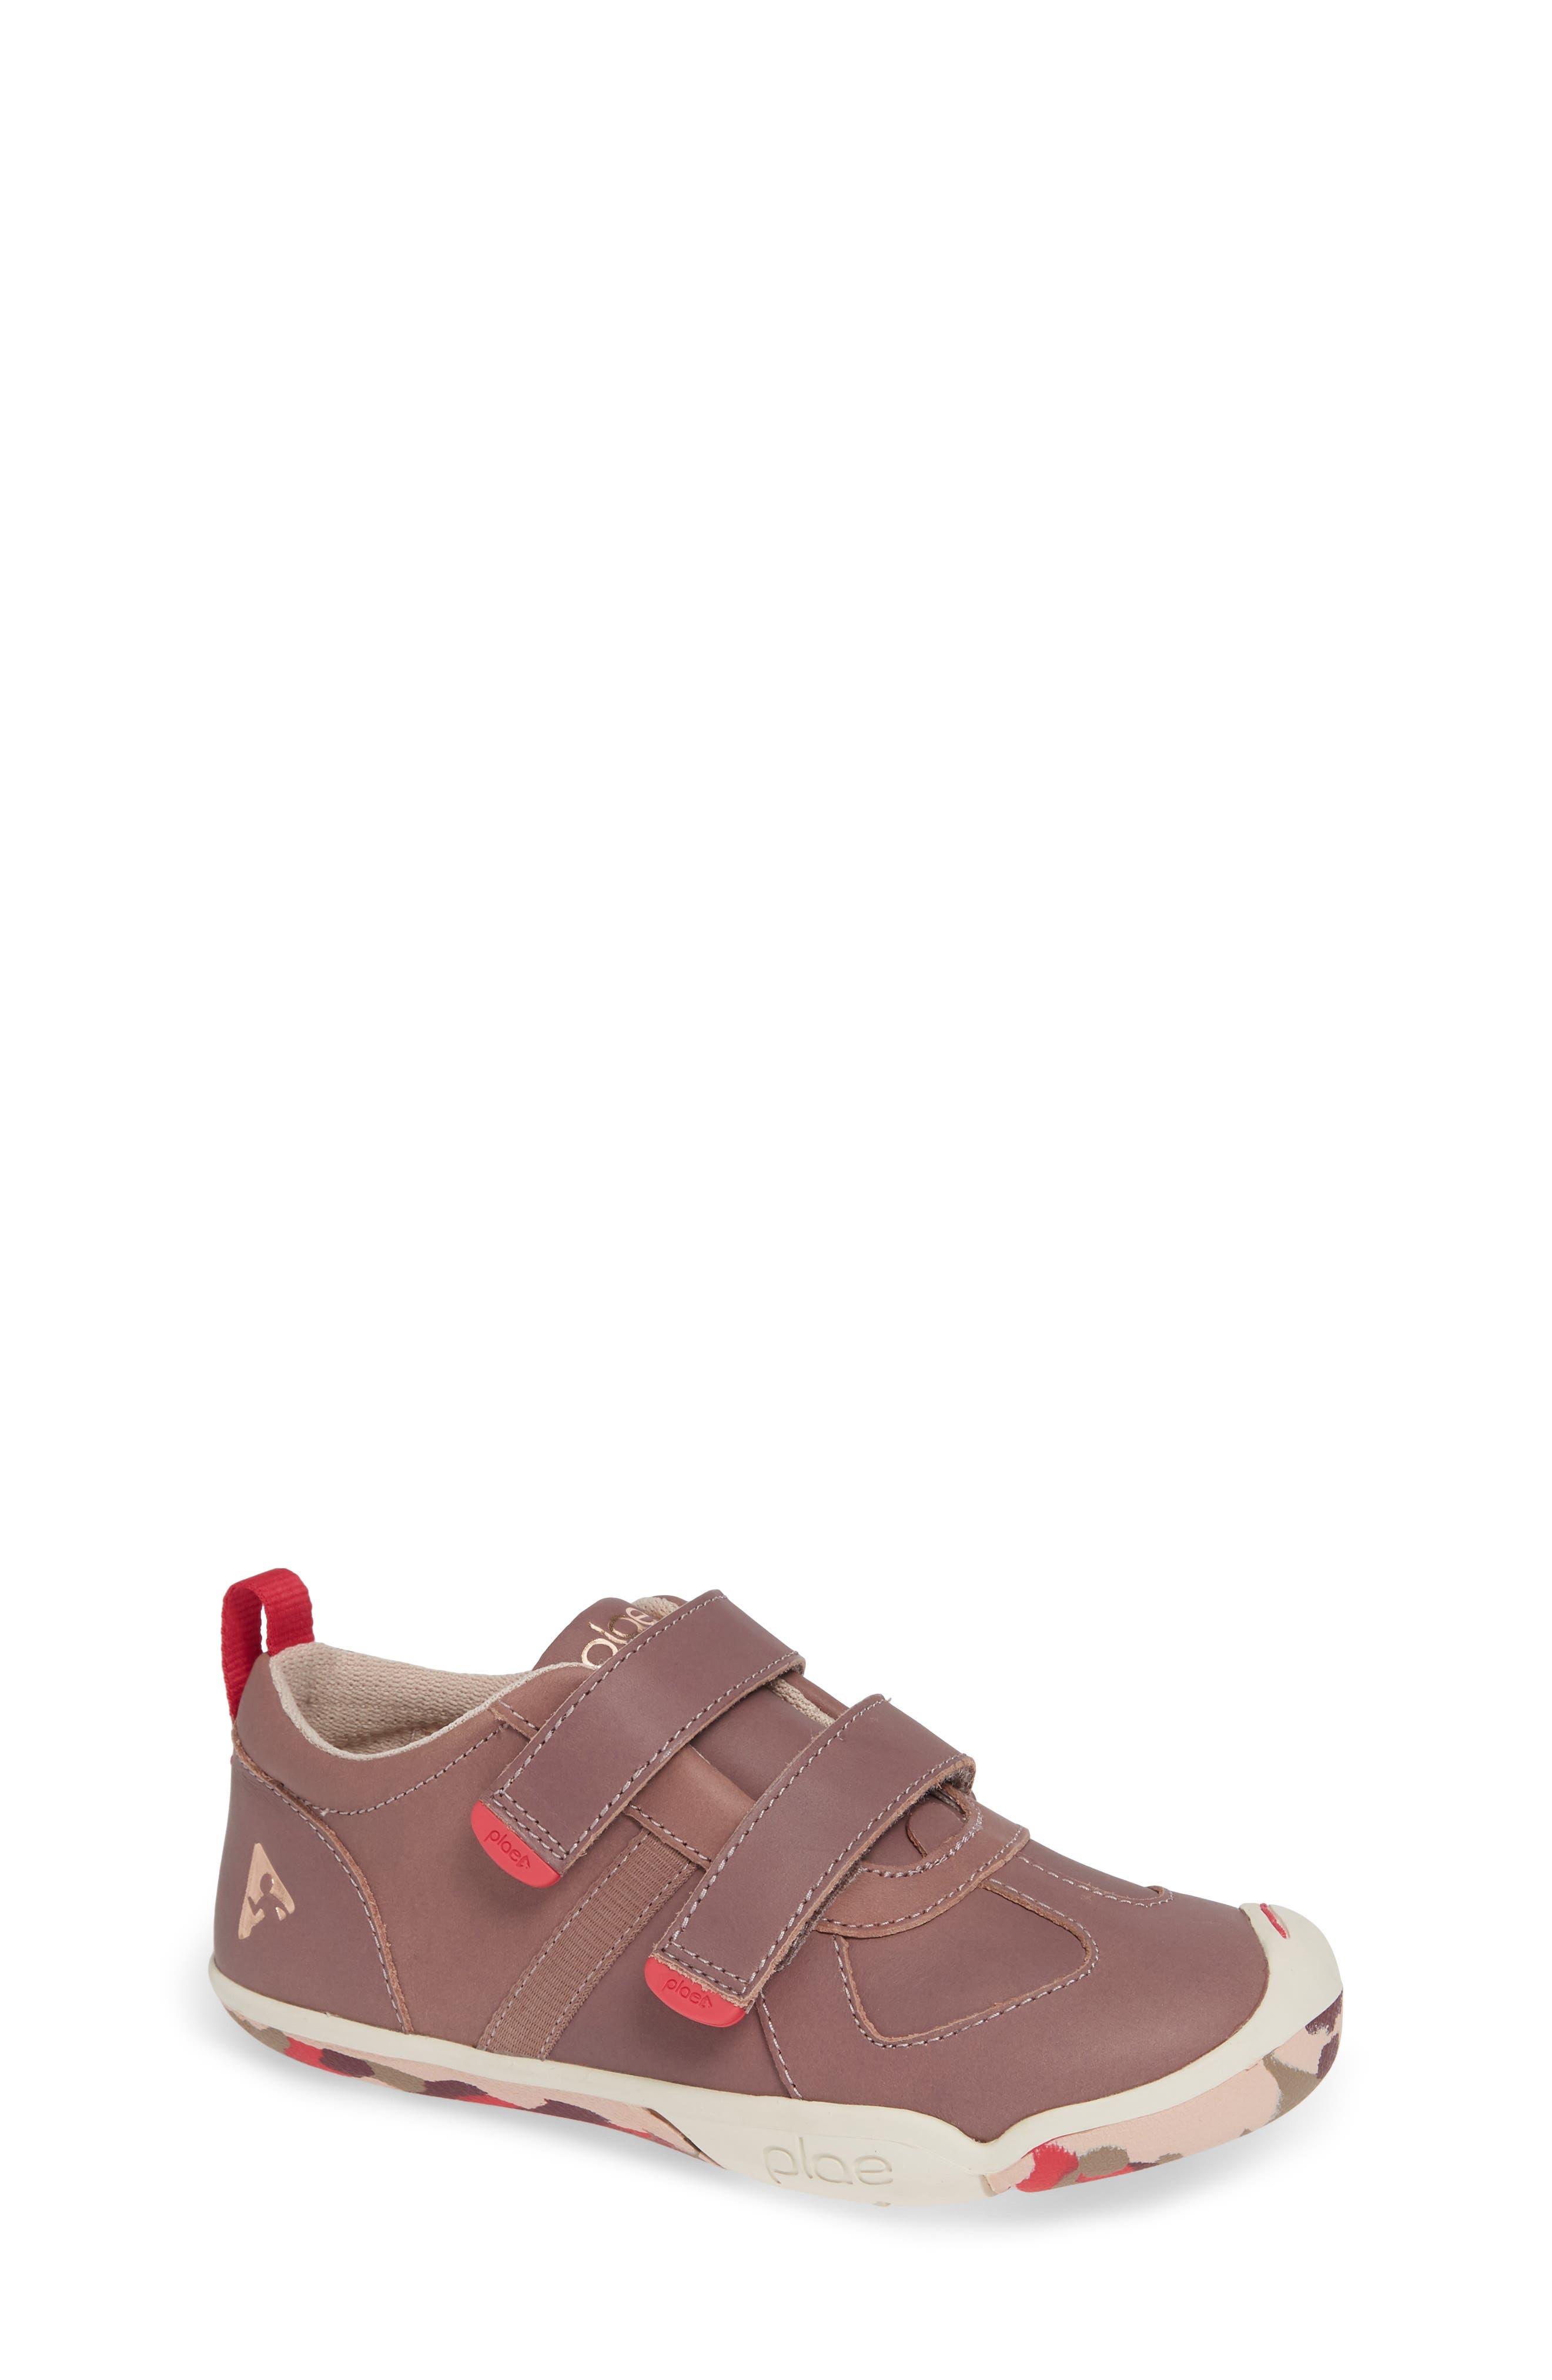 Nat Customizable Sneaker,                         Main,                         color, Siltstone